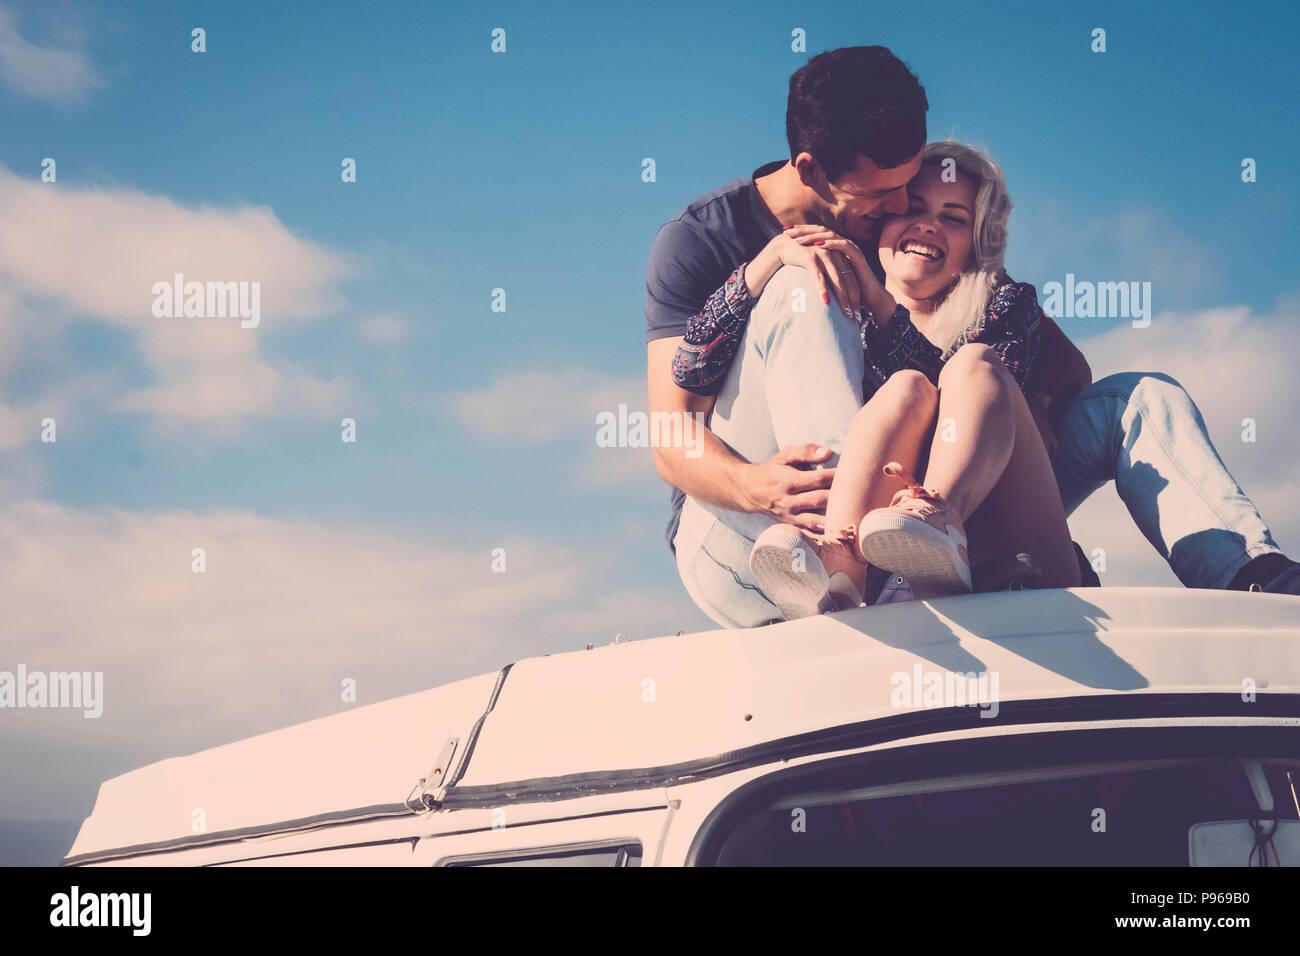 Schönen kaukasischen Paar natürliche Modell bleiben zusammen, in Beziehung auf dem Dach eines Vintage Camper. Freundschaft und Liebe zwischen Mädchen und Jungen yo Stockbild